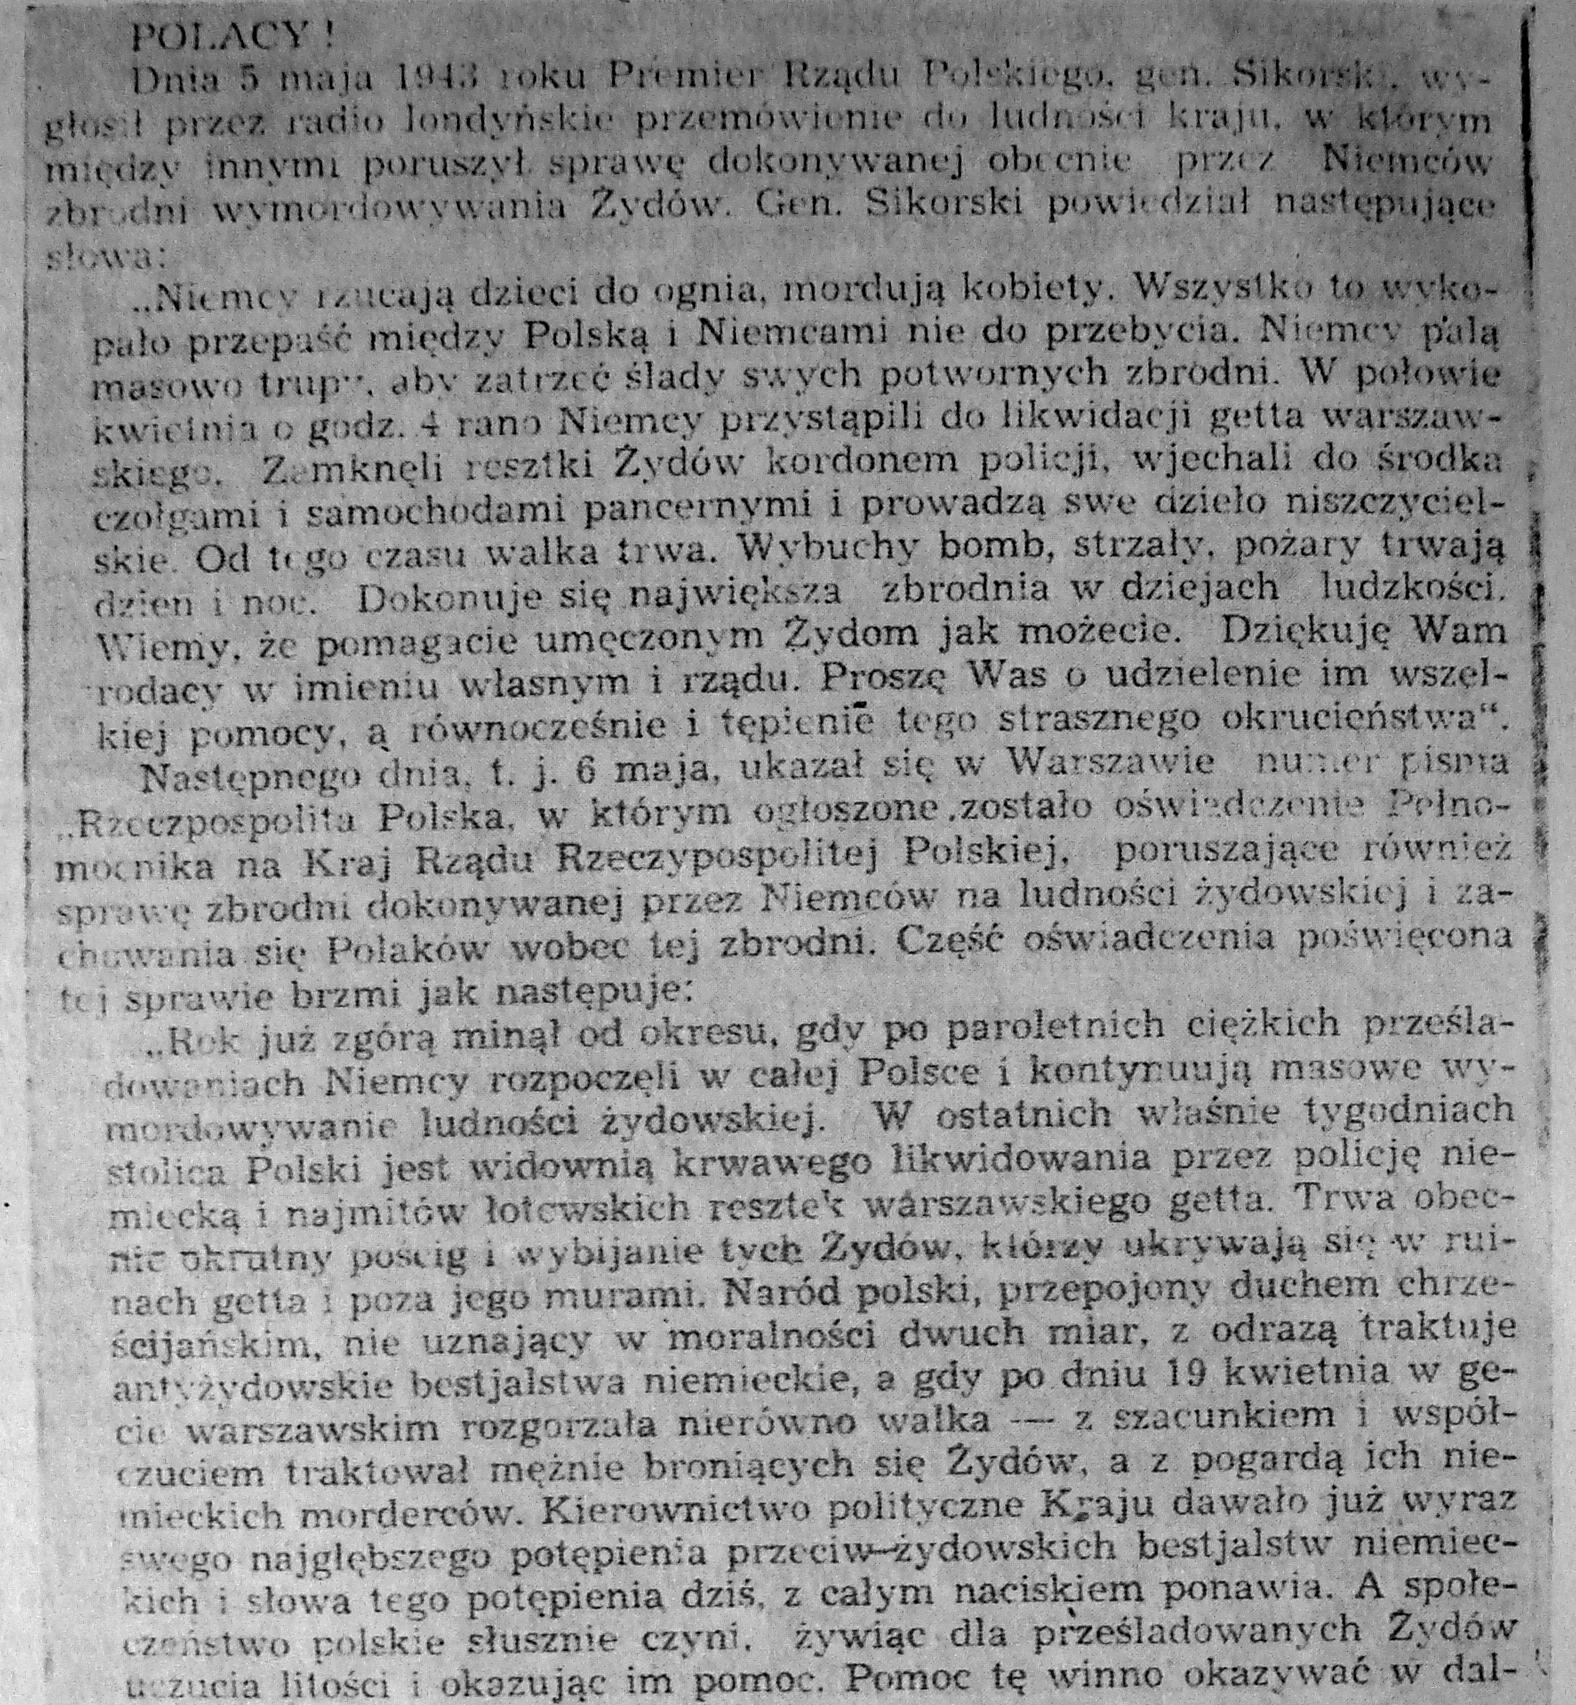 Fragment ulotki wydanej w Warszawie w maju 1943 roku z apelem Władysława Sikorskiego o pomoc Żydom oraz potępieniem Polaków pomagającym Niemcom.